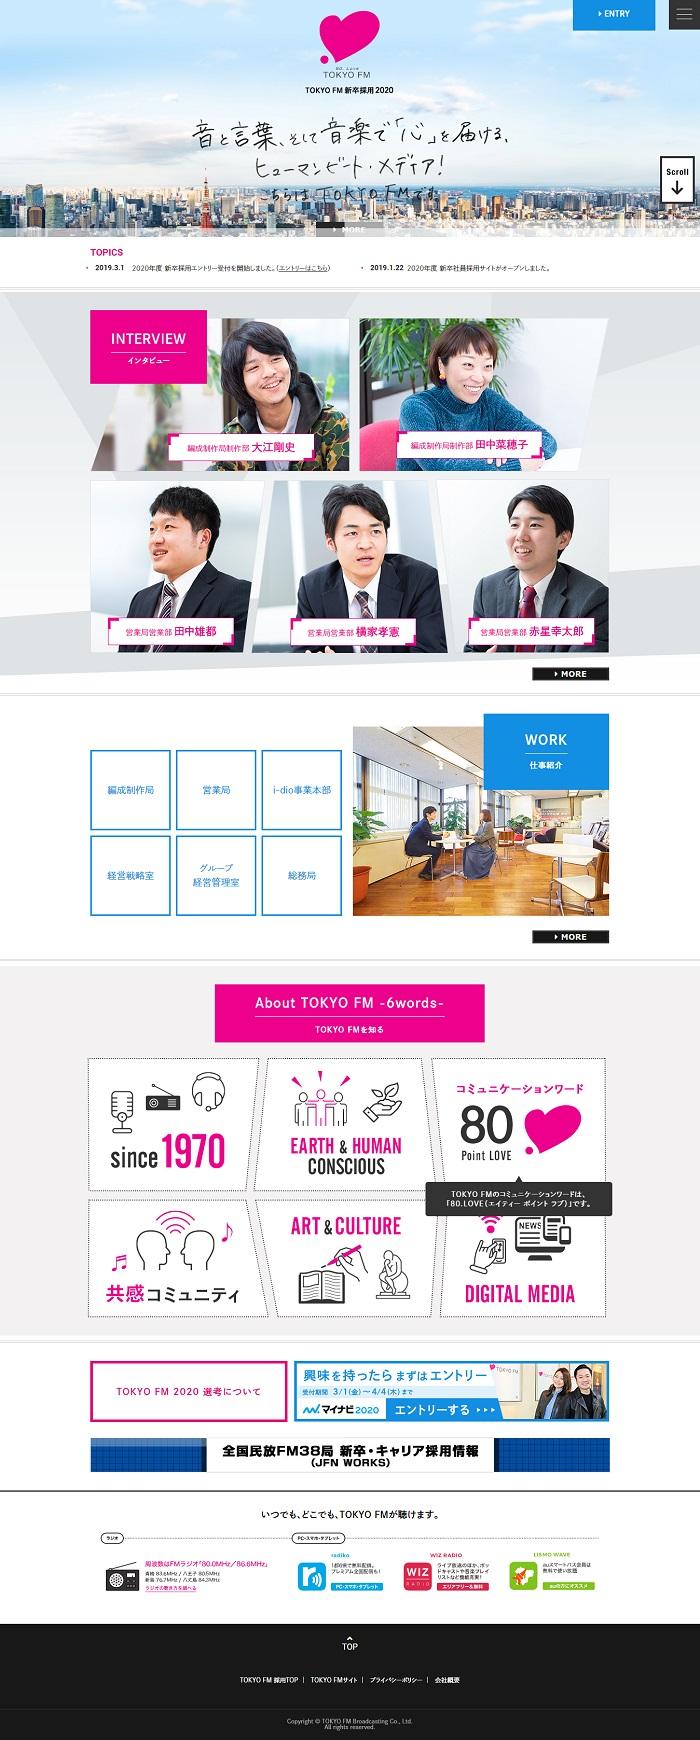 TOKYO FM 新卒採用 2020 -TOKYO FM 80.0MHz